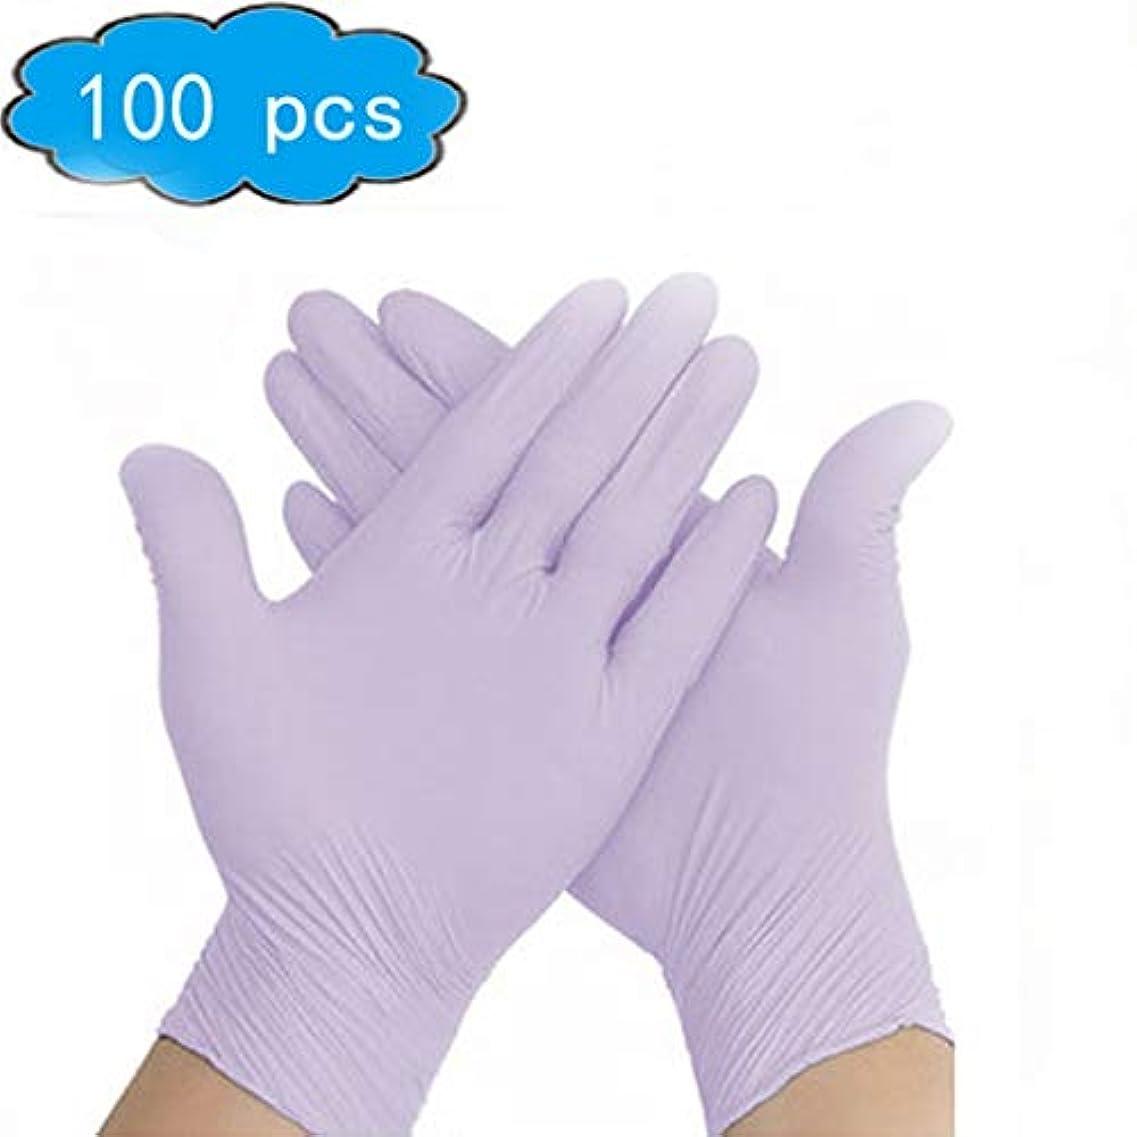 逆説牽引キャロラインニトリル手袋 - 医療用グレード、パウダーフリー、使い捨て、非滅菌、食品安全、テクスチャード加工、紫色、便利なディスペンサーパッケージ100、中サイズ、サニタリー手袋 (Color : Purple, Size : L)